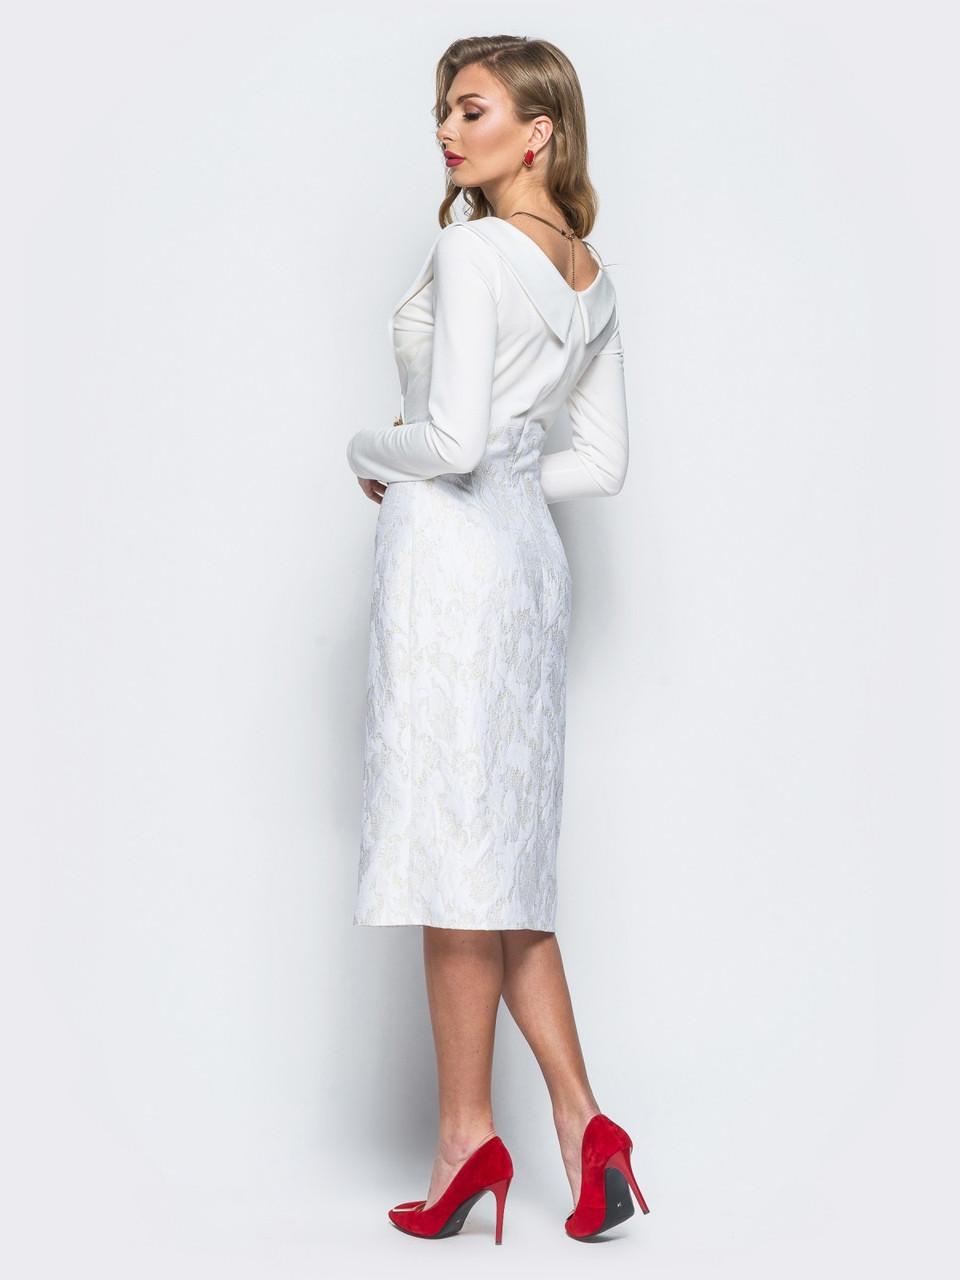 1a0fae8d39d Описание 💎Винтажное платье-футляр с V-образным вырезом (белое